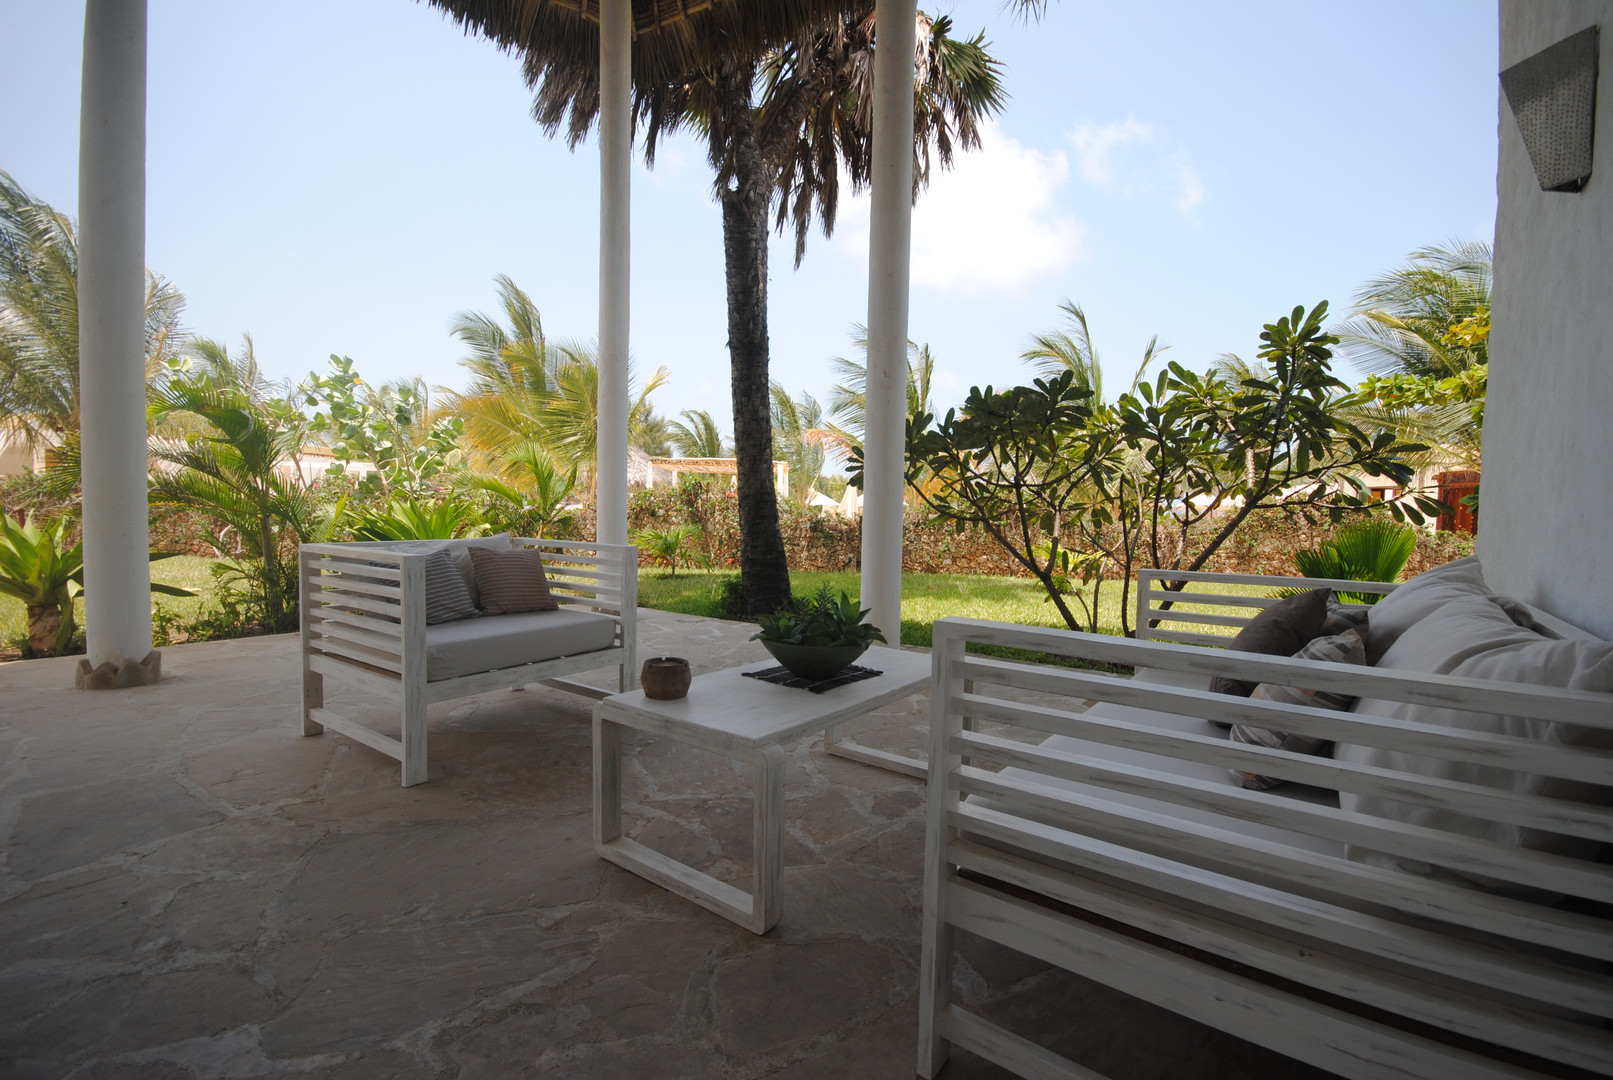 villas kola beach mambrui verandah